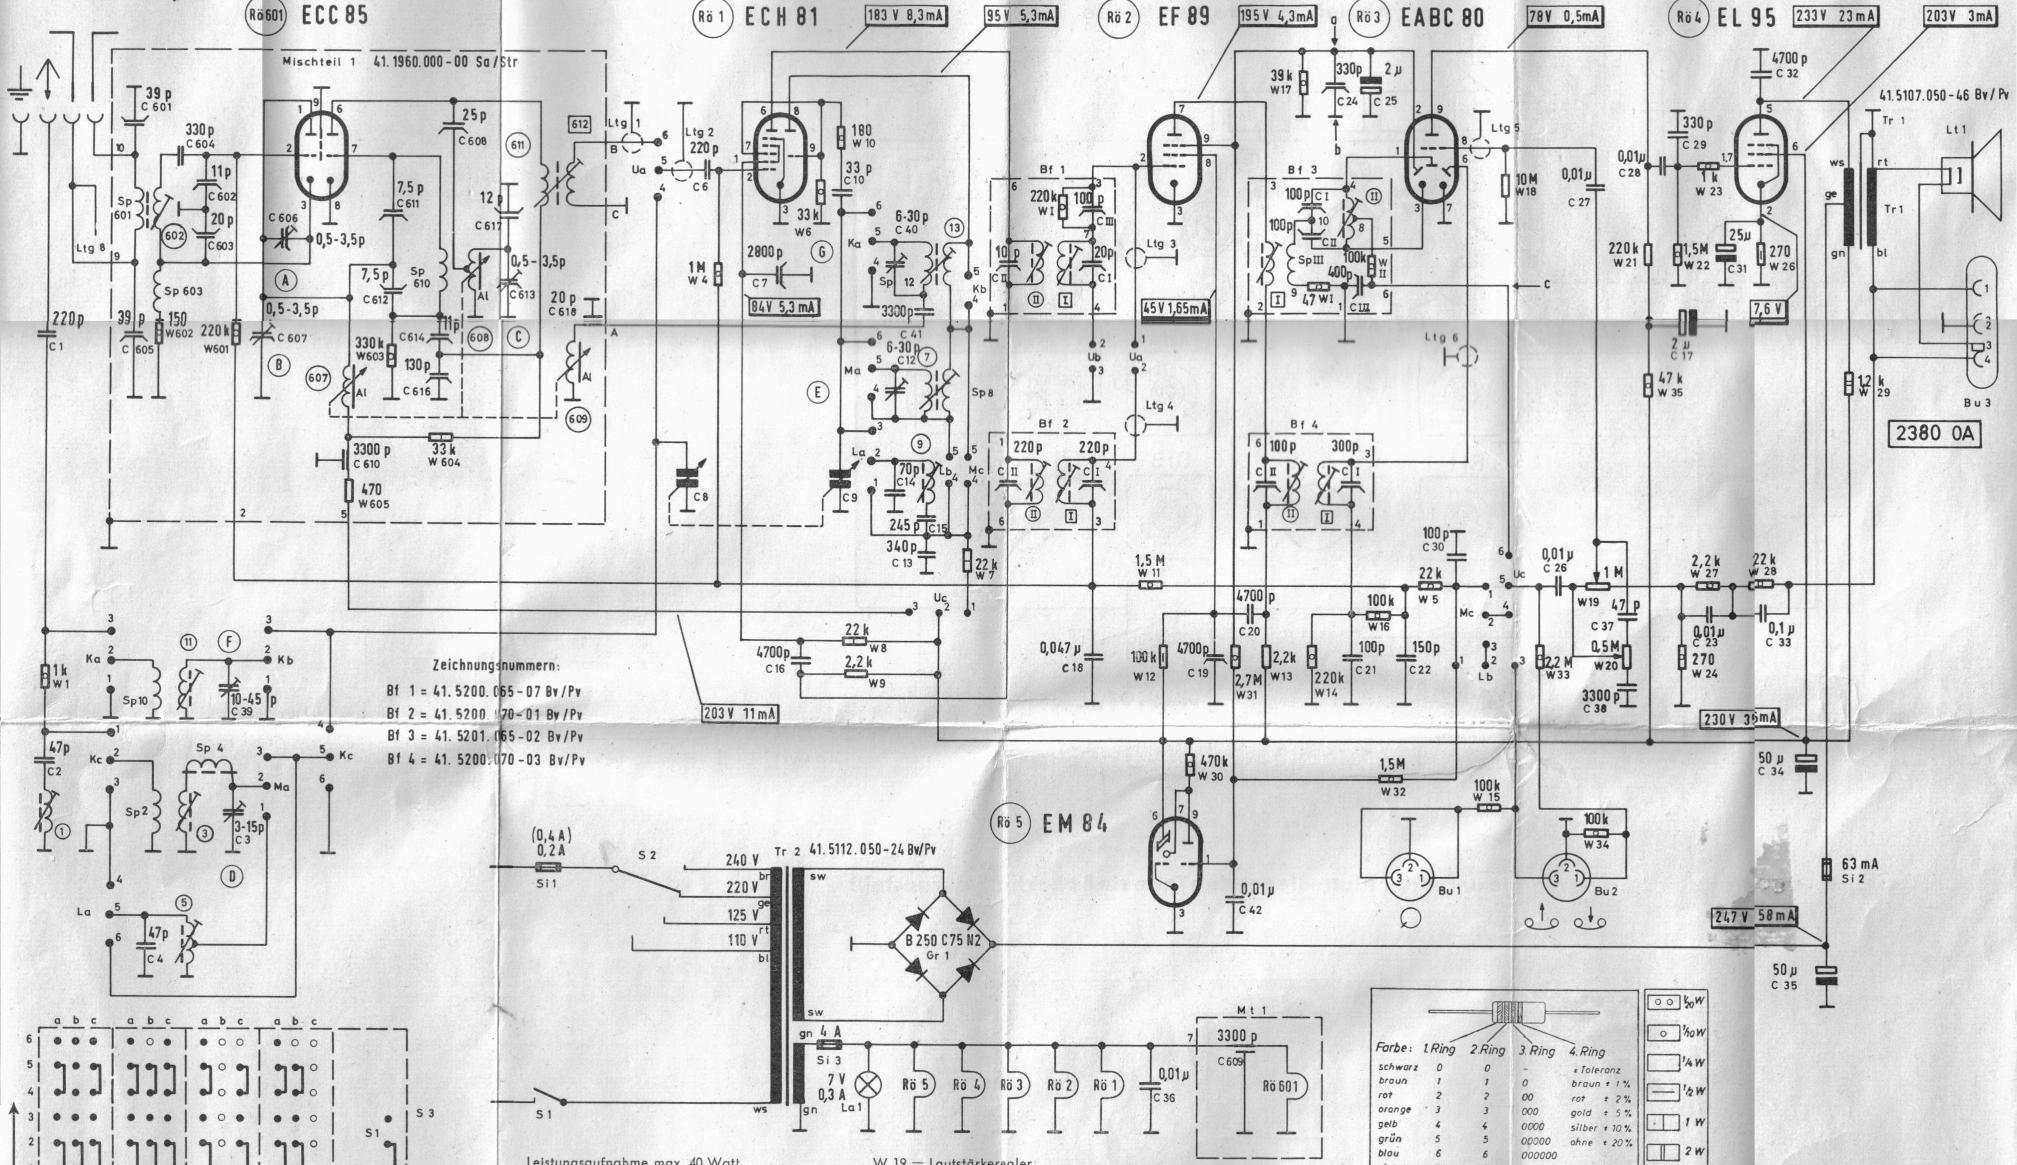 Berühmt 220 Steckdosen Schaltplan Bilder - Der Schaltplan - greigo.com